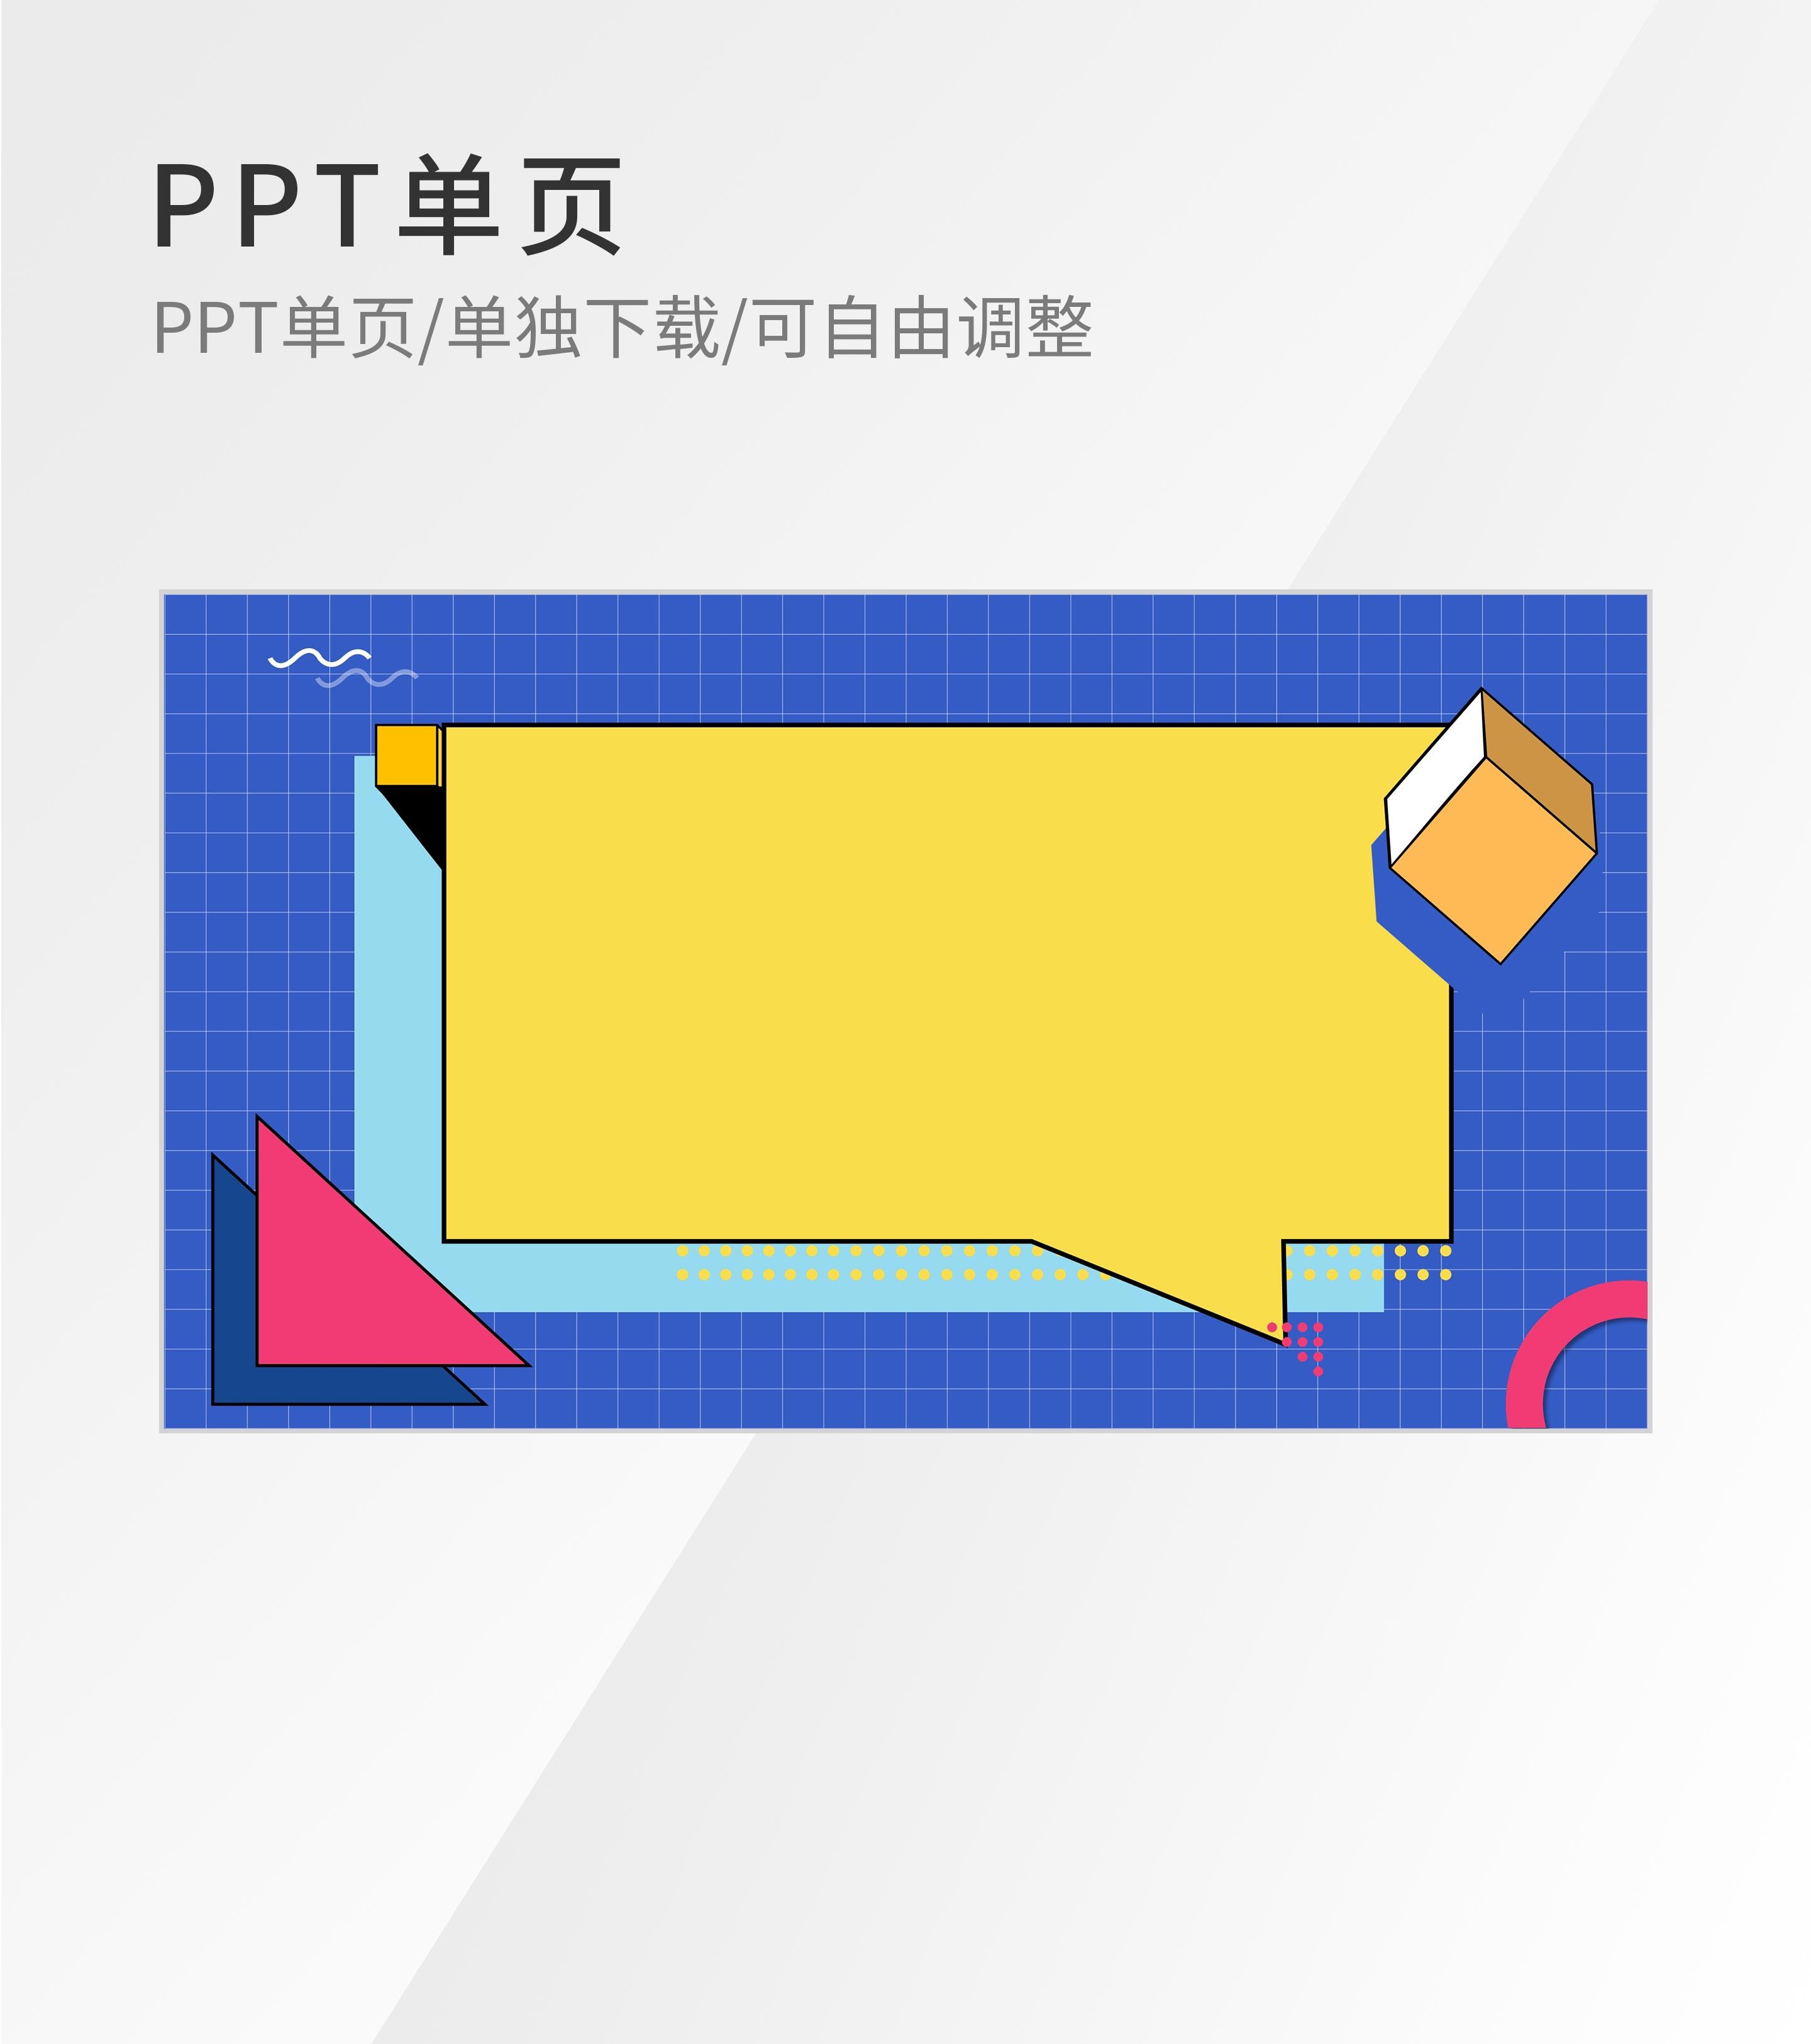 蓝黄拼色孟菲斯风PPT封面背景